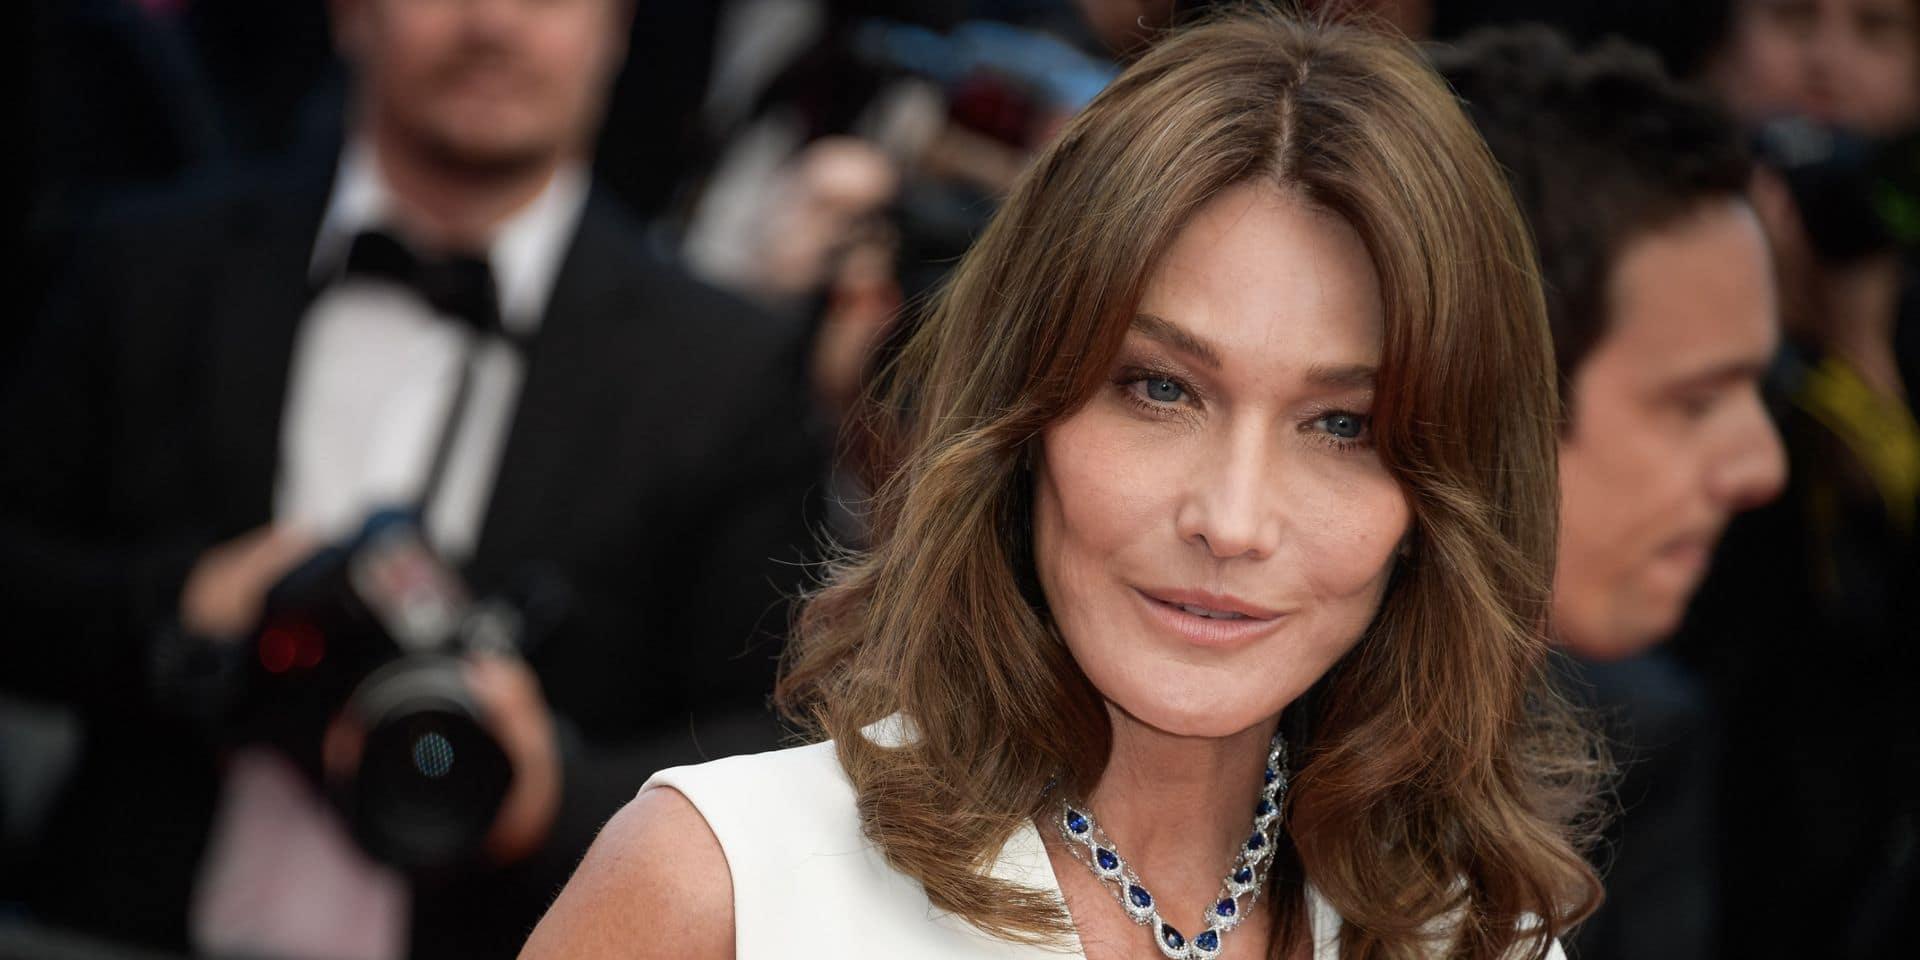 Carla Bruni-Sarkozy: de retour à Paris, elle dévoile des clichés complices avec sa fille Giulia